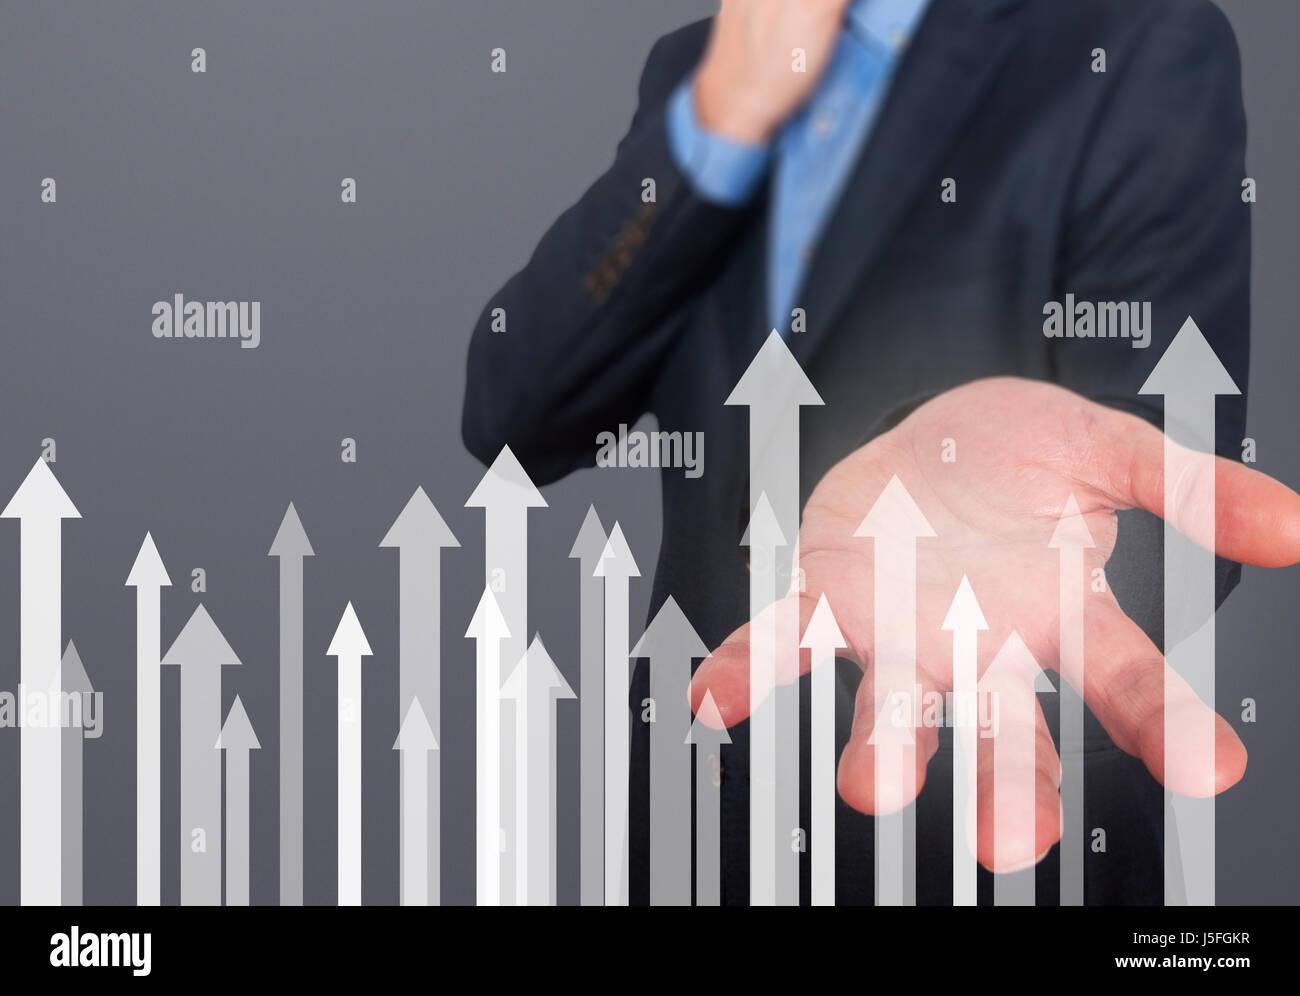 Empresario con símbolos financieros próximos. Negocios, crecimiento, inversión concepto. La mano Imagen De Stock